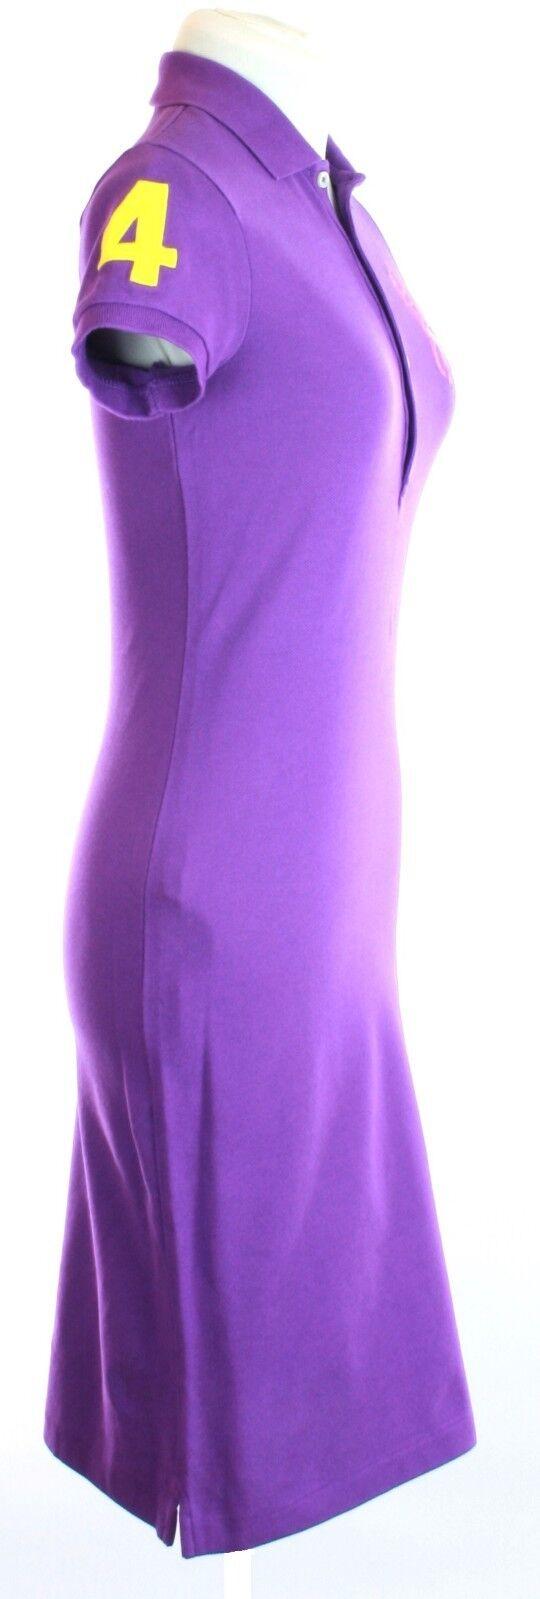 Fantástico Niños Vestidos De Dama De Color Púrpura Galería - Ideas ...